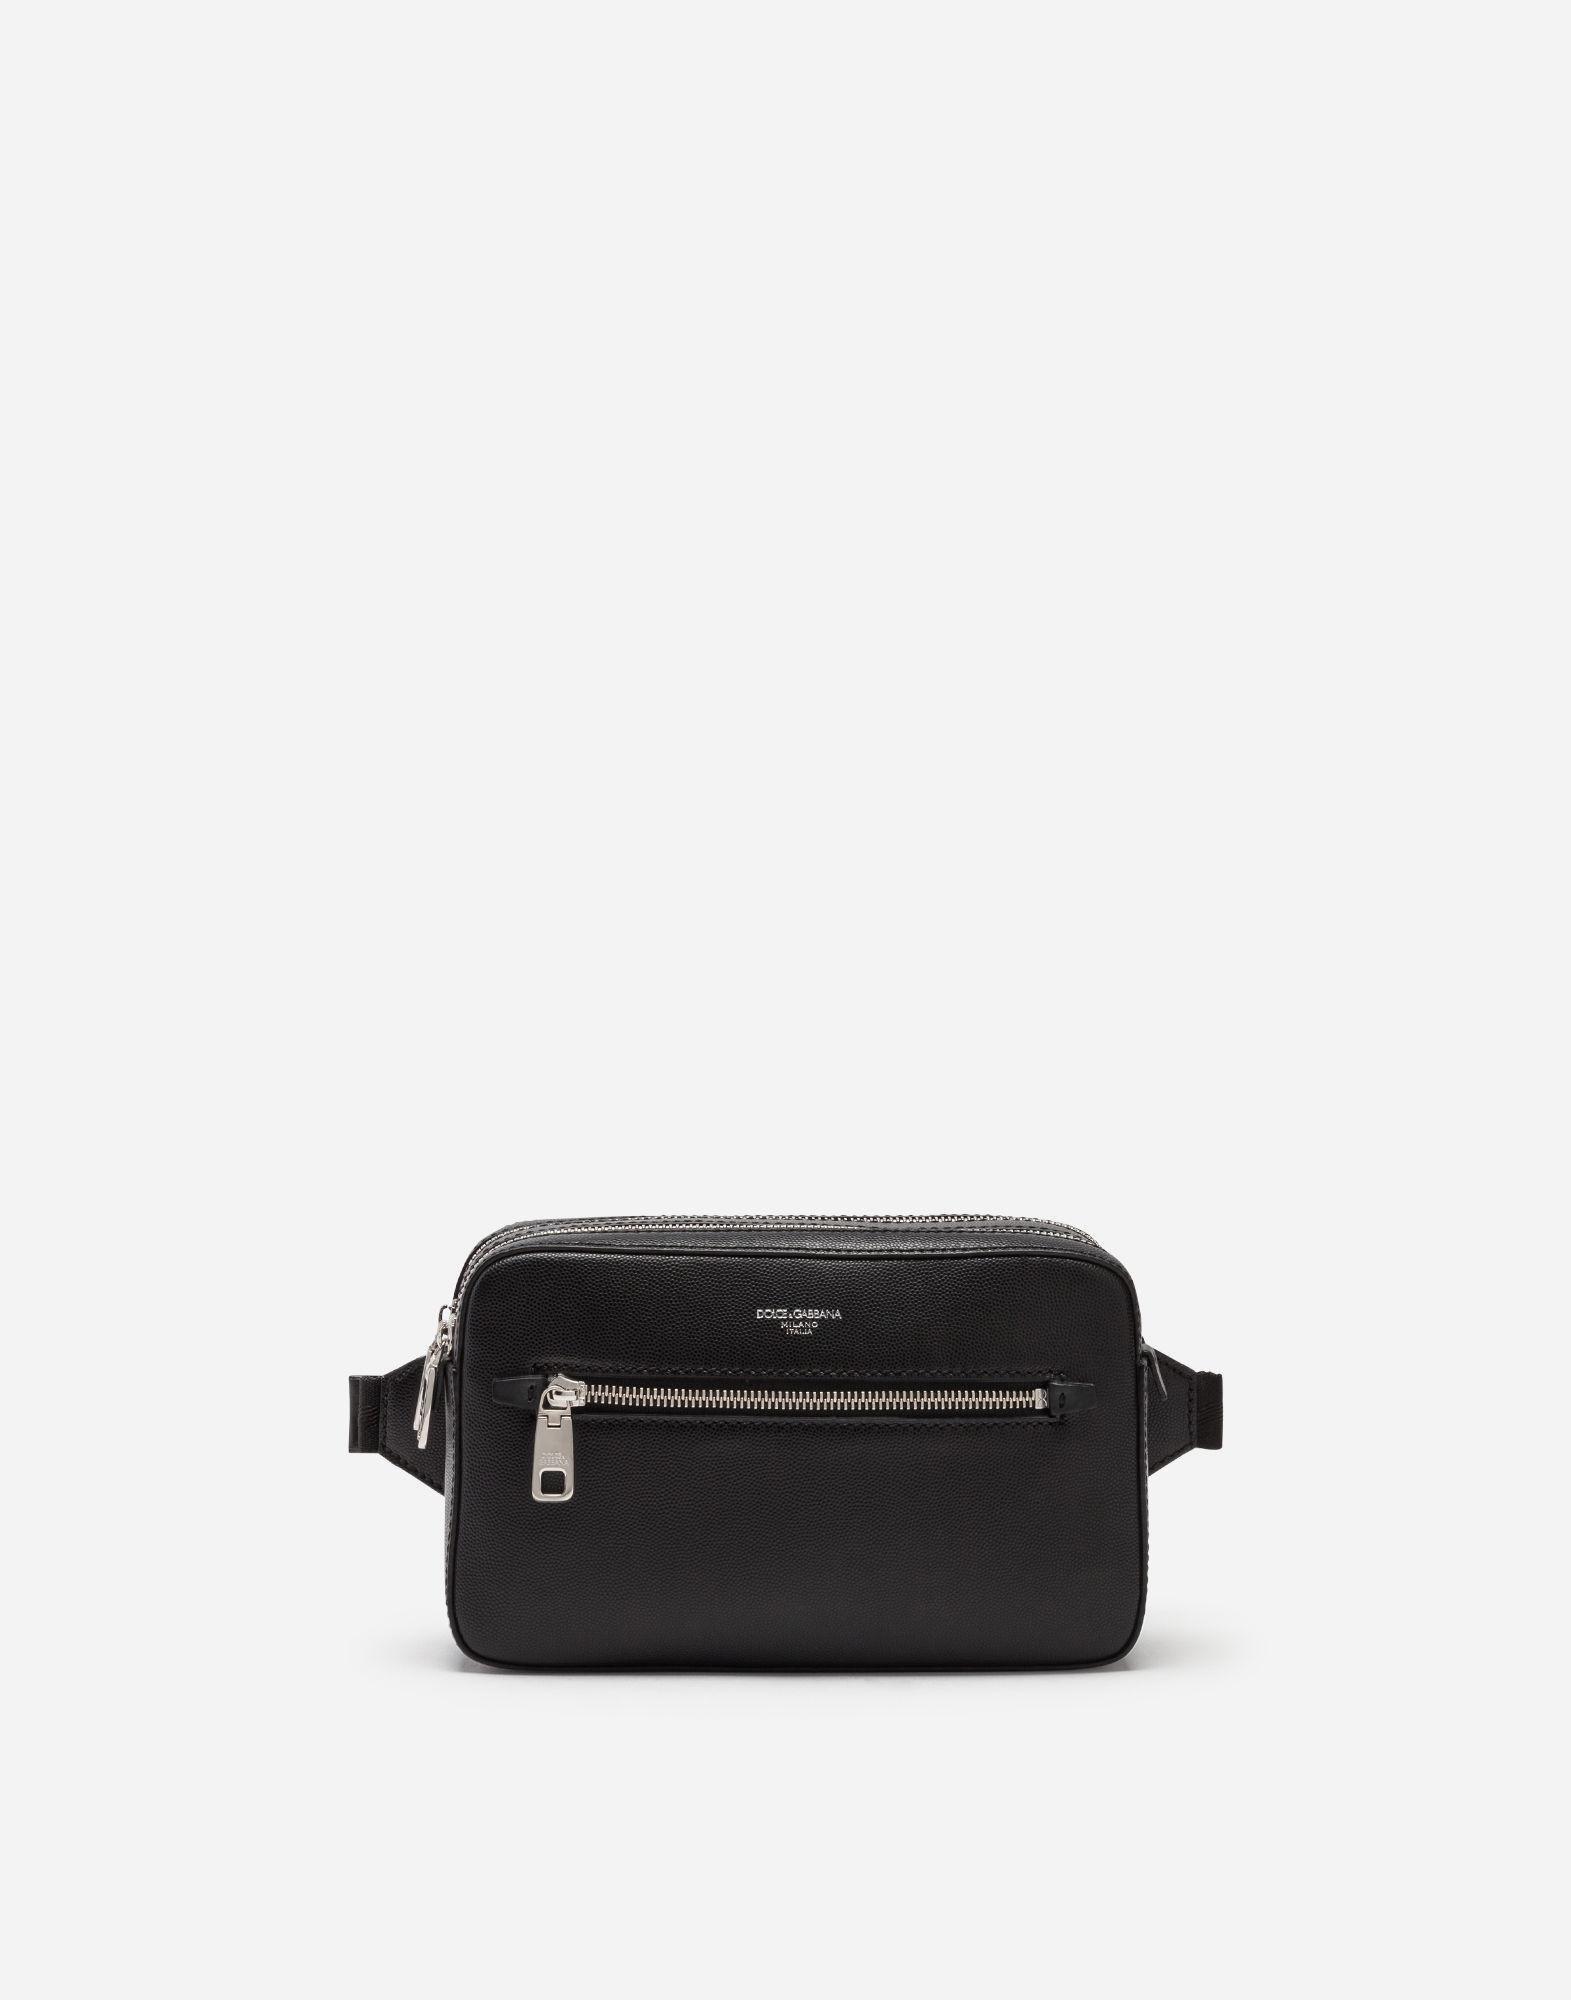 Lyst - Dolce   Gabbana Gothic Pouch In Calfskin in Black for Men dd64c46533